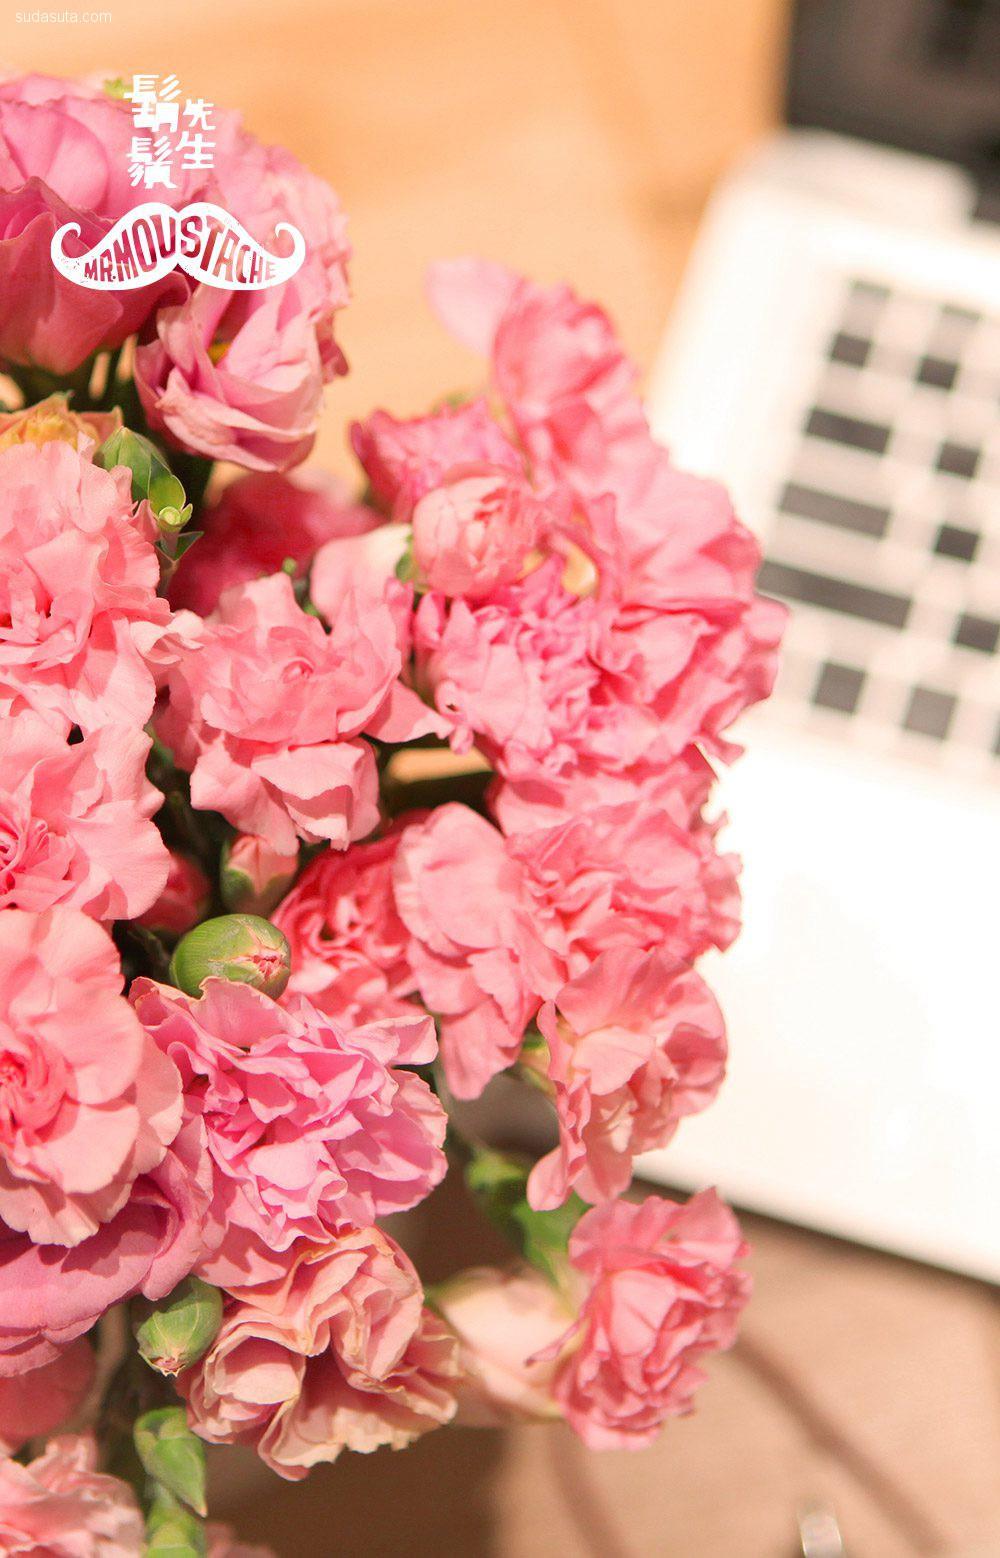 胡须先生 静待花开